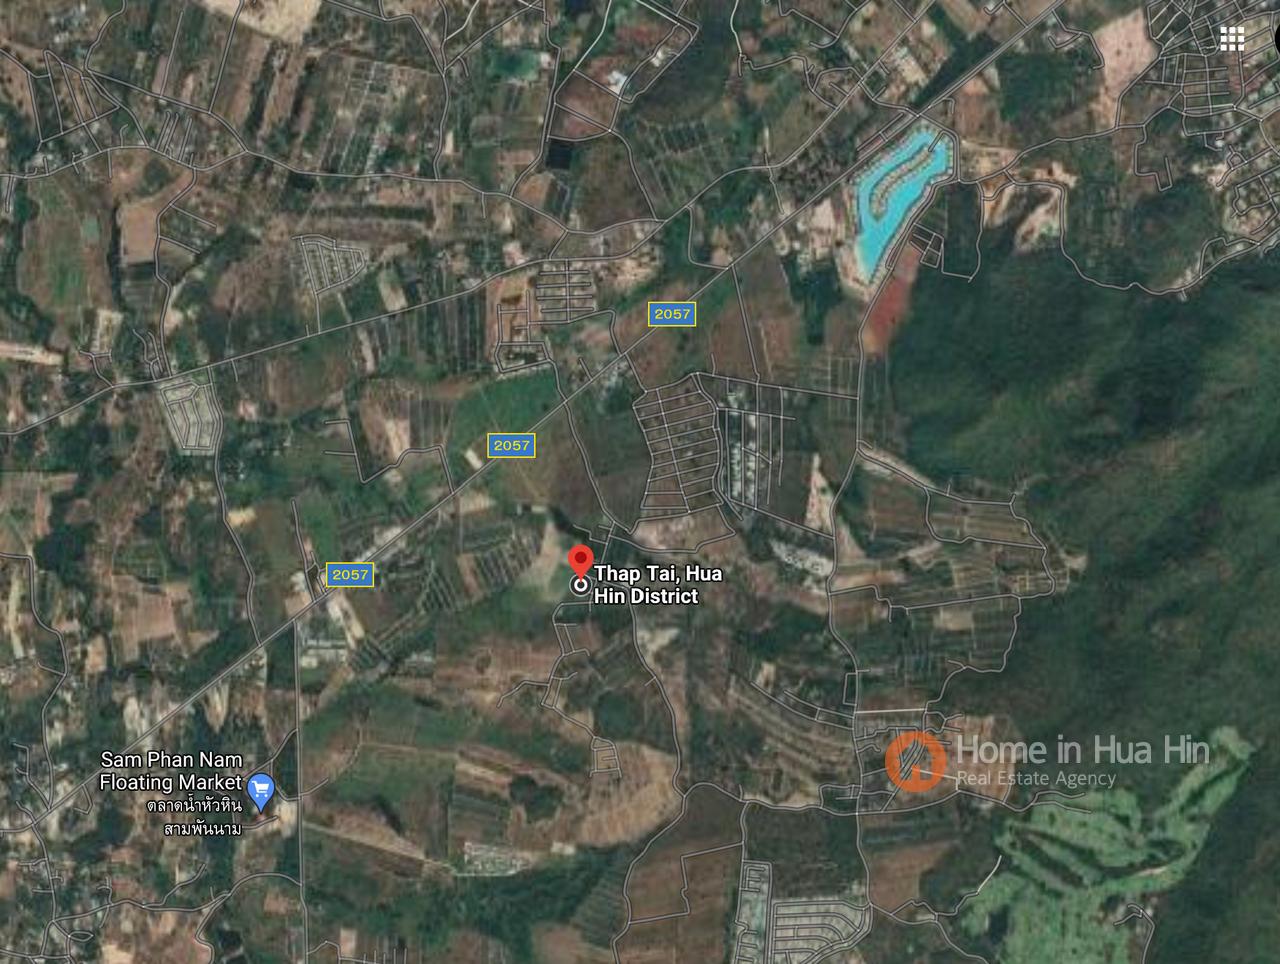 Land for Sale in Hua Hin near Soi 112